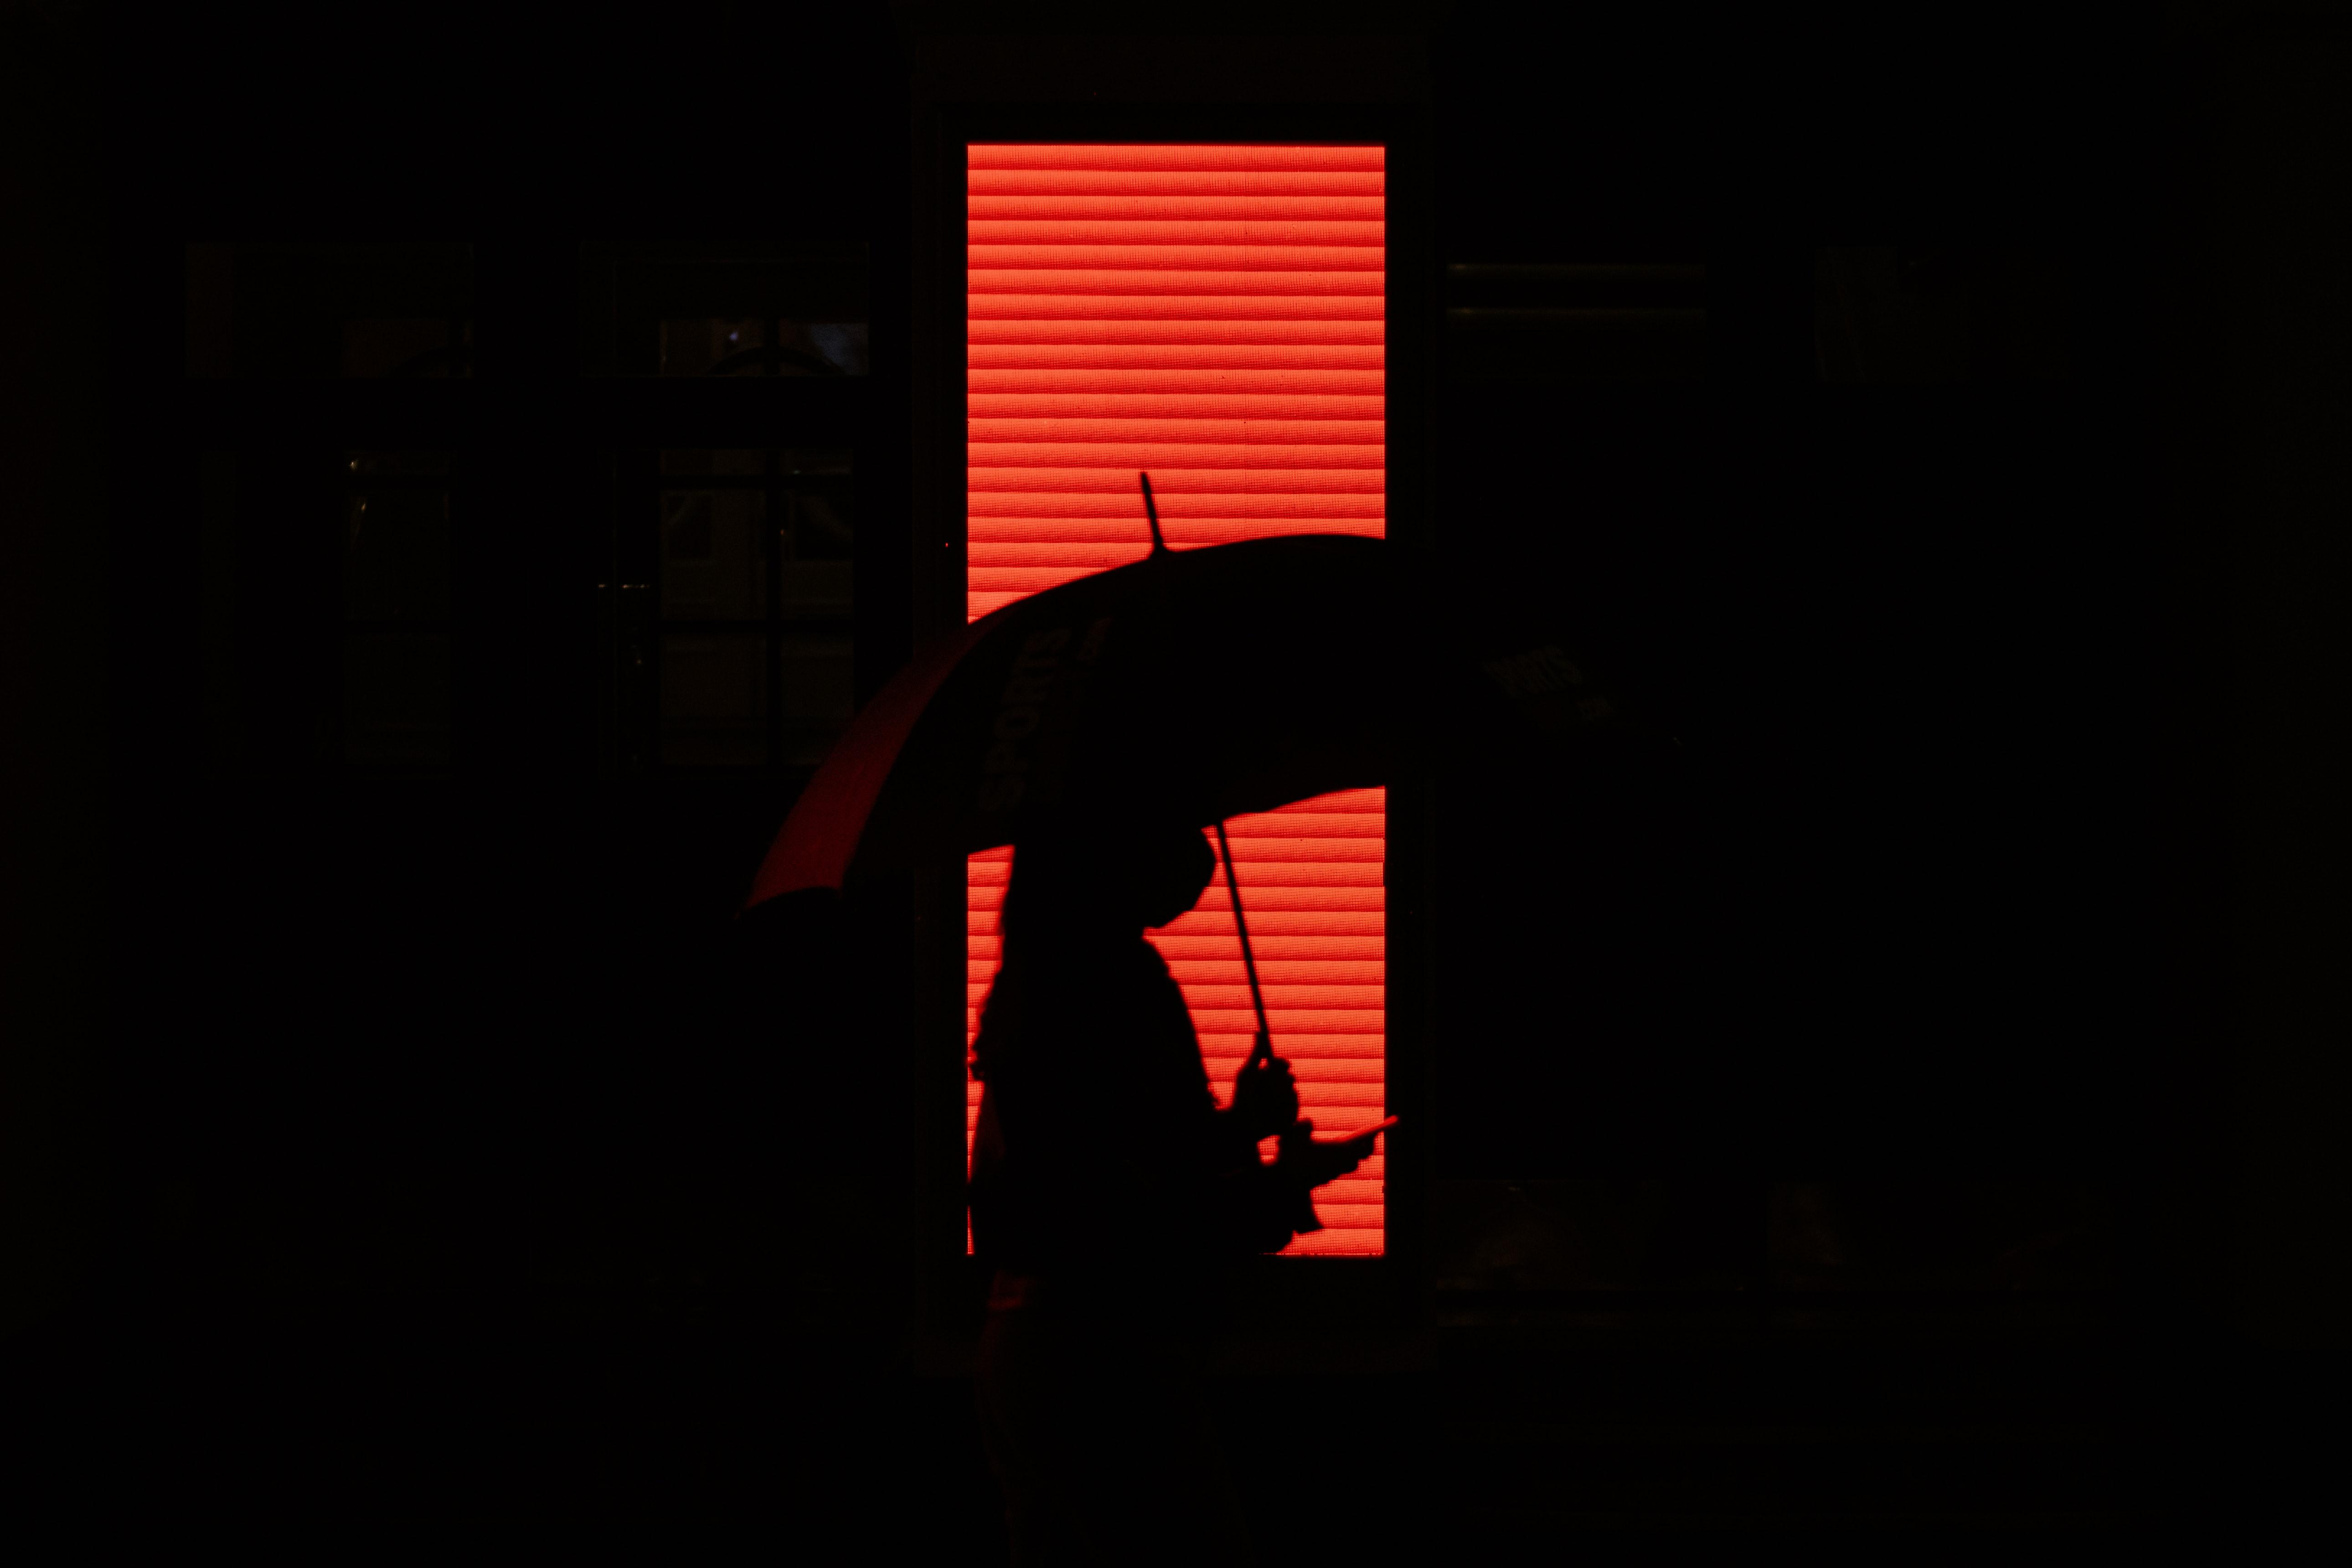 146147壁紙のダウンロード闇, 暗い, 人間, 人, 傘, シルエット, 赤い-スクリーンセーバーと写真を無料で